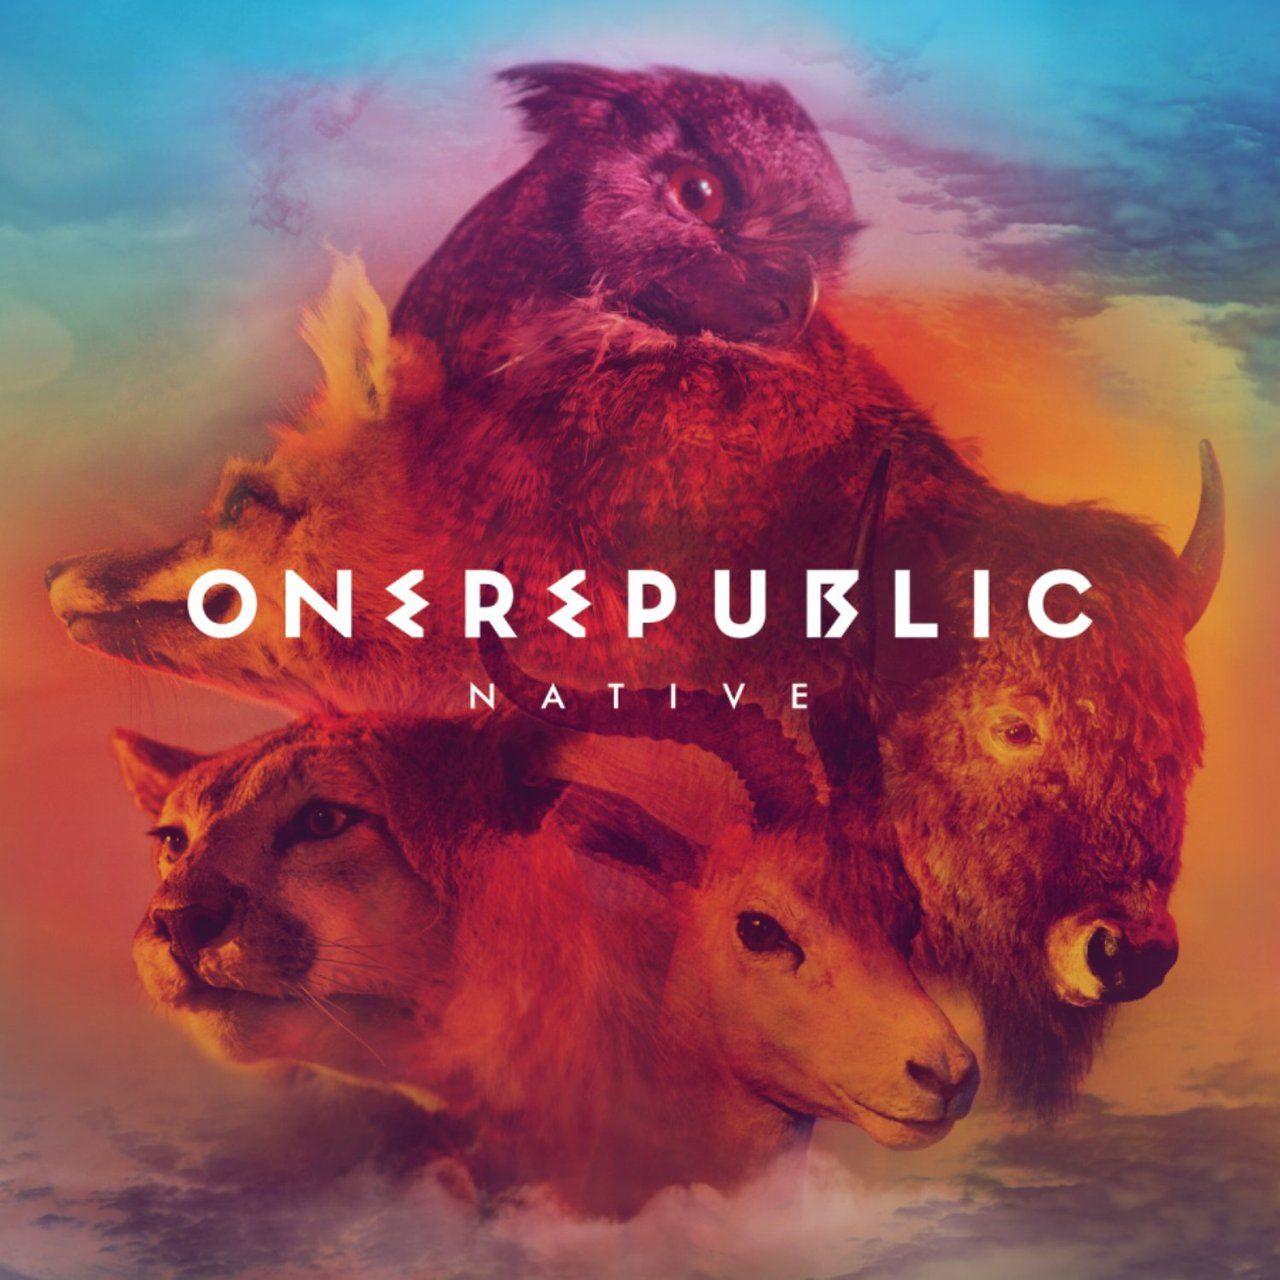 OneRepublic Native / Album cover. One republic